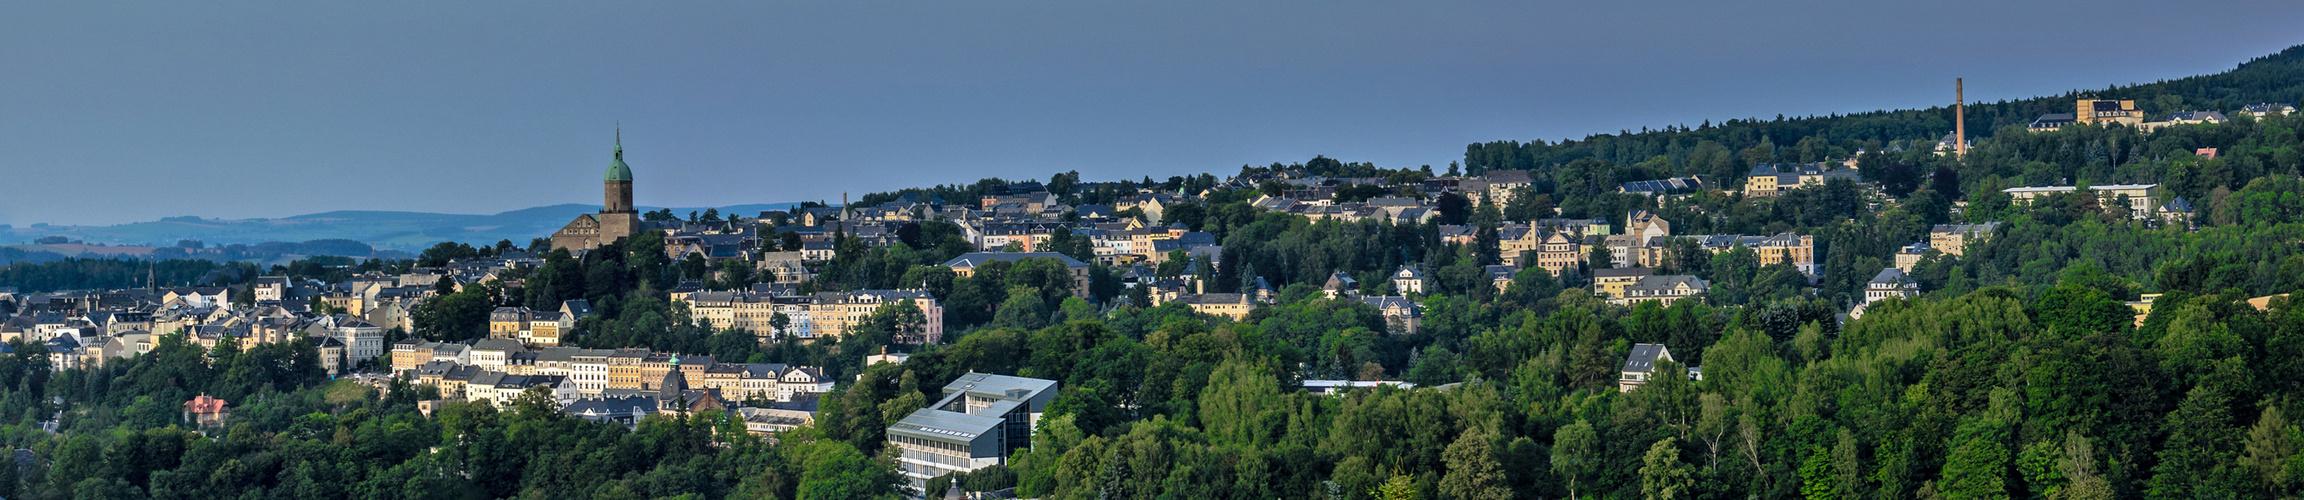 Blick auf St. Annen